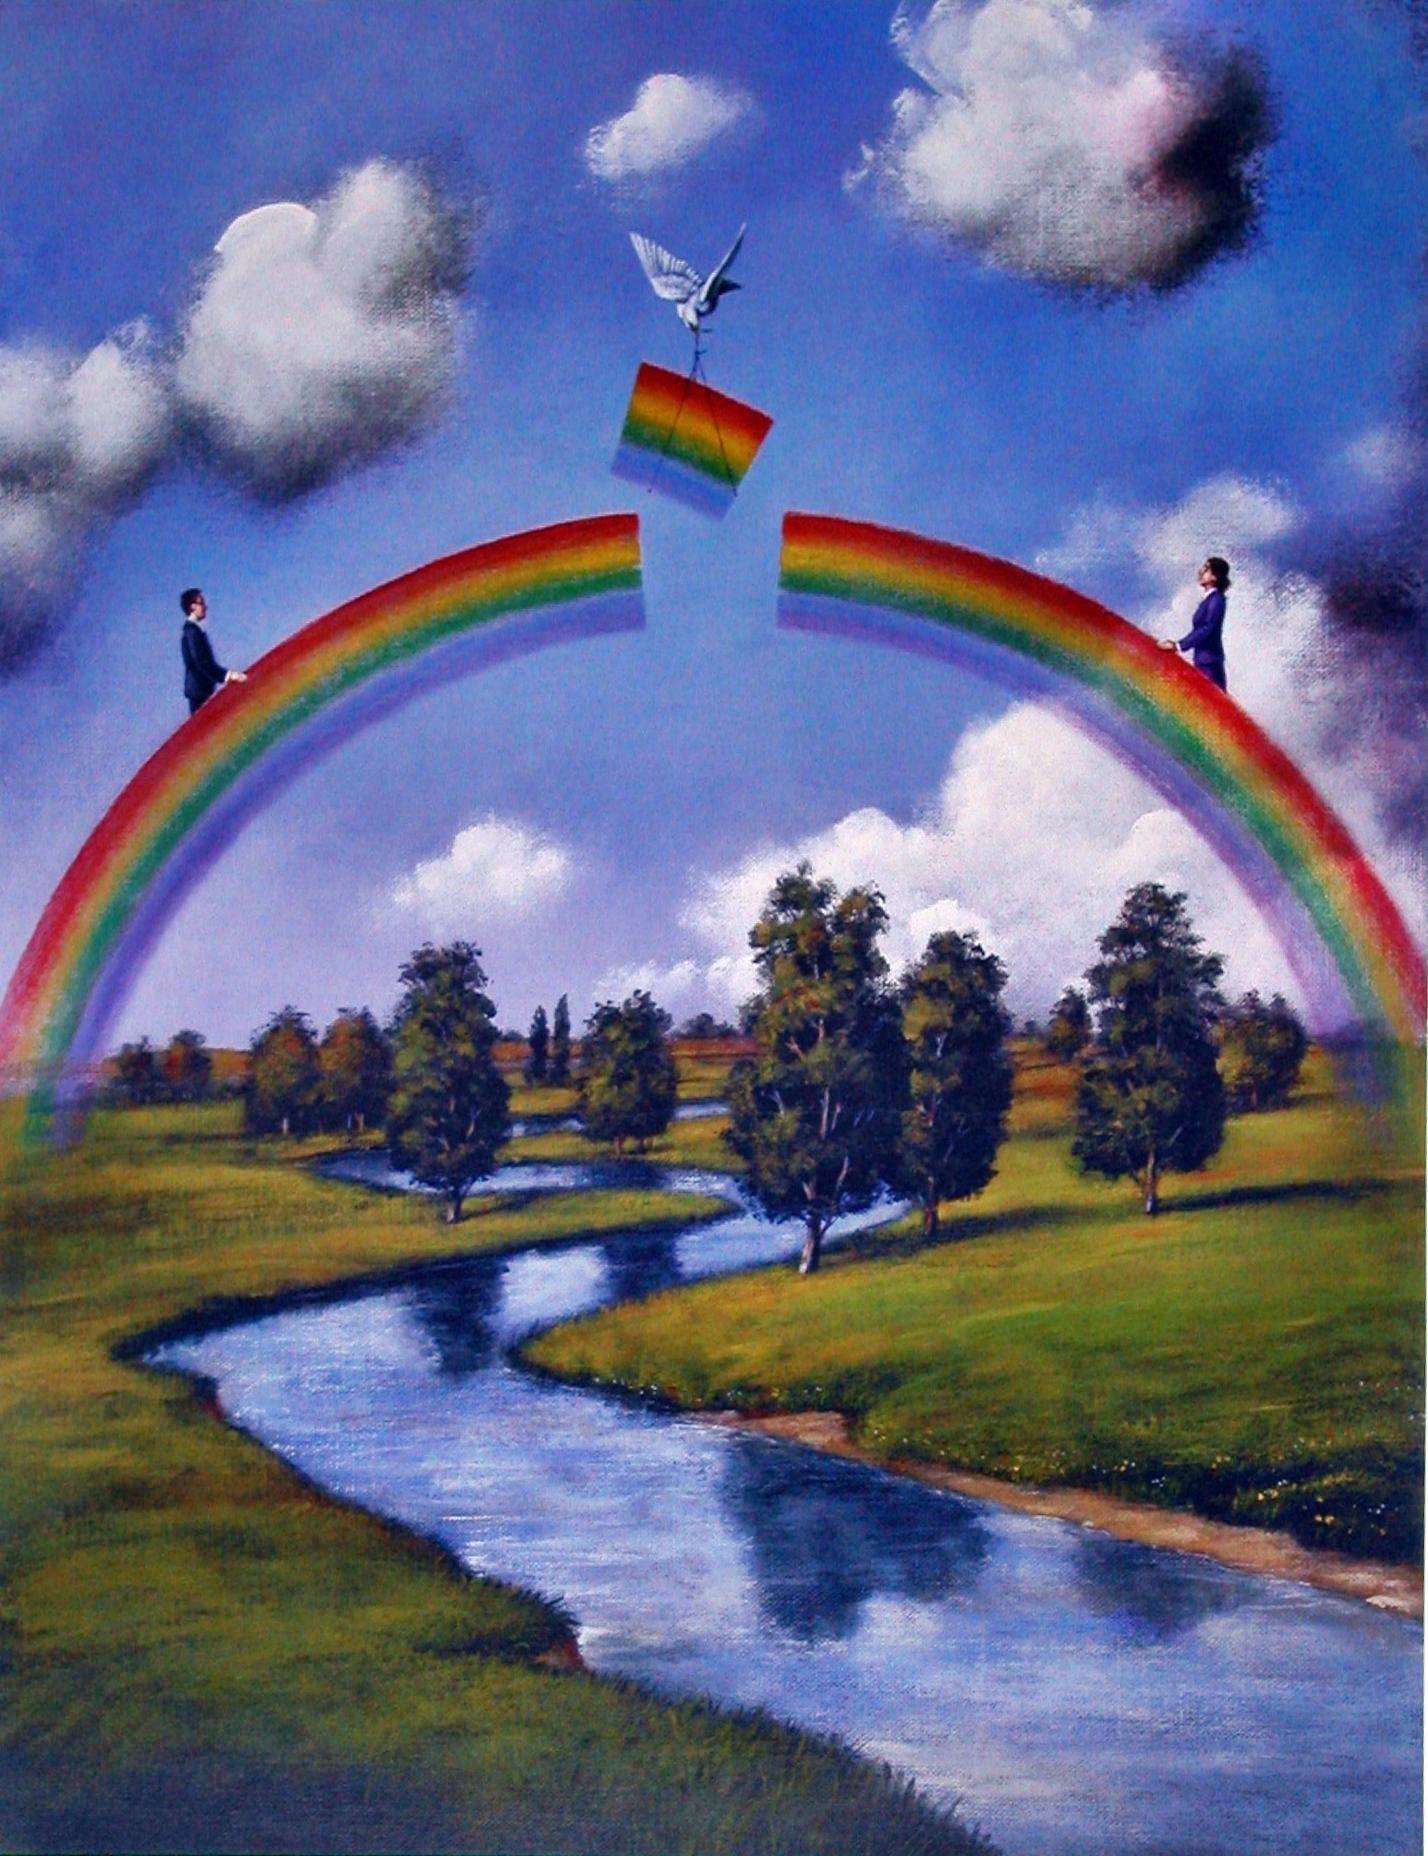 наше время художник рисует радугу картинка фотографии есть